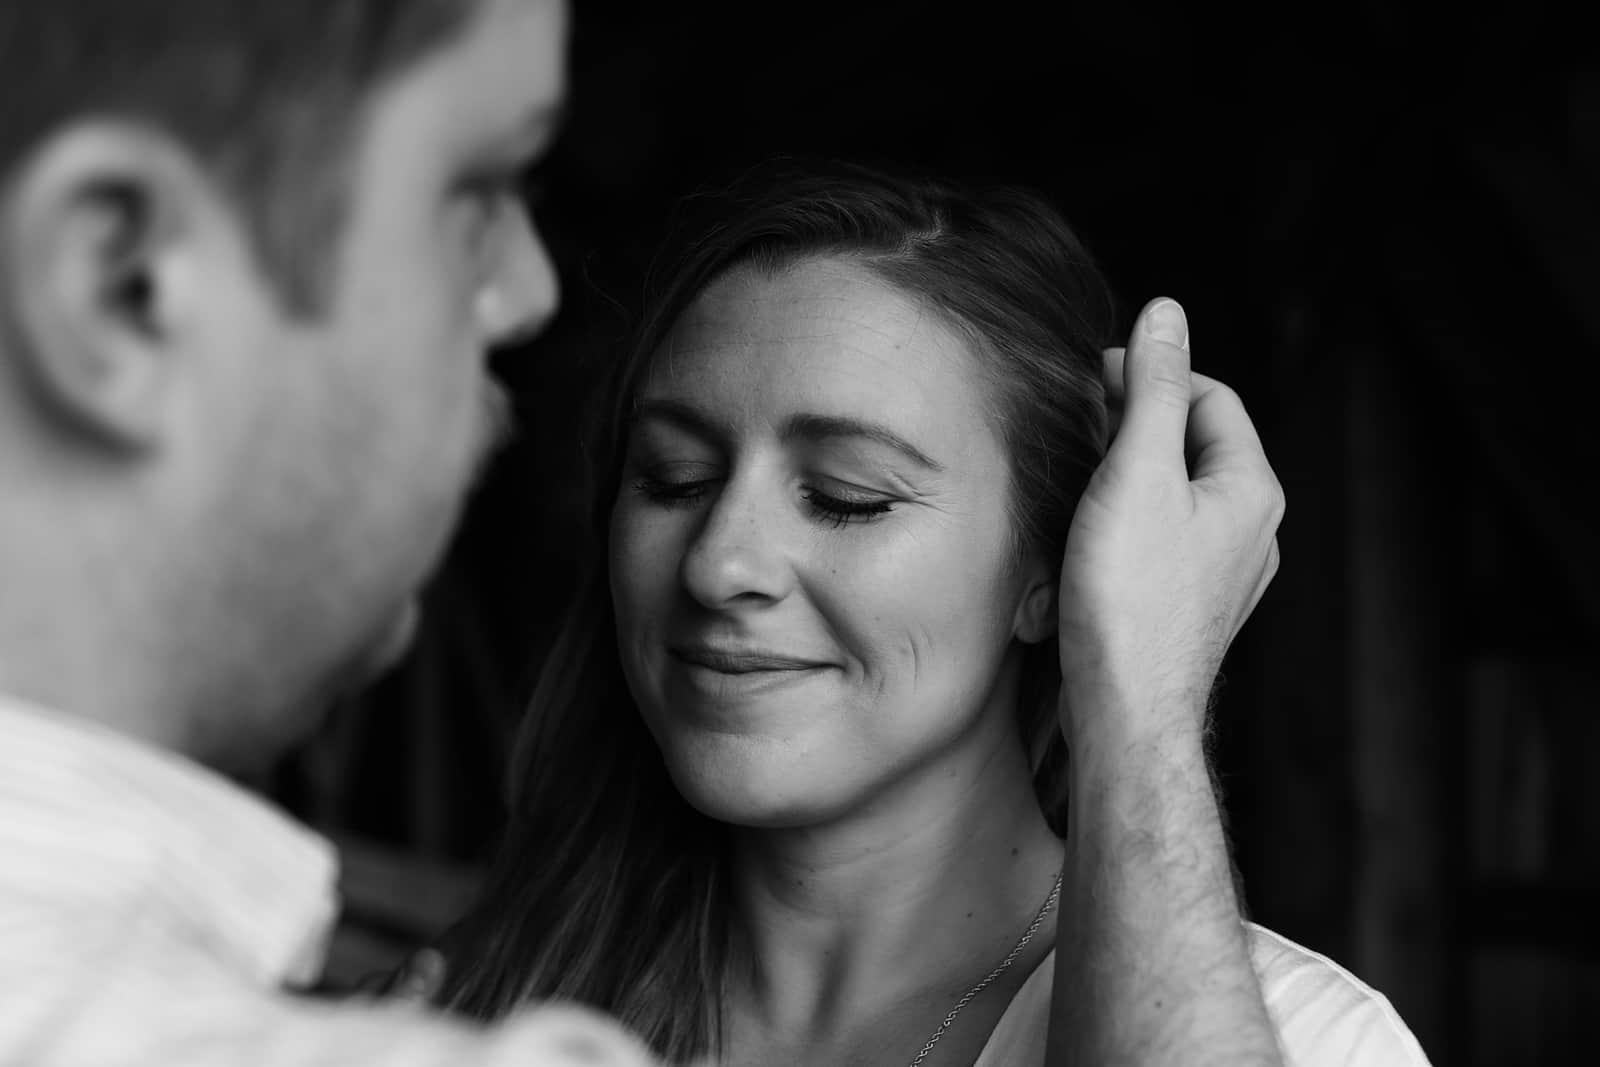 Ein Mann berührte die Haare seiner Freundin, die ihre Augen schloss